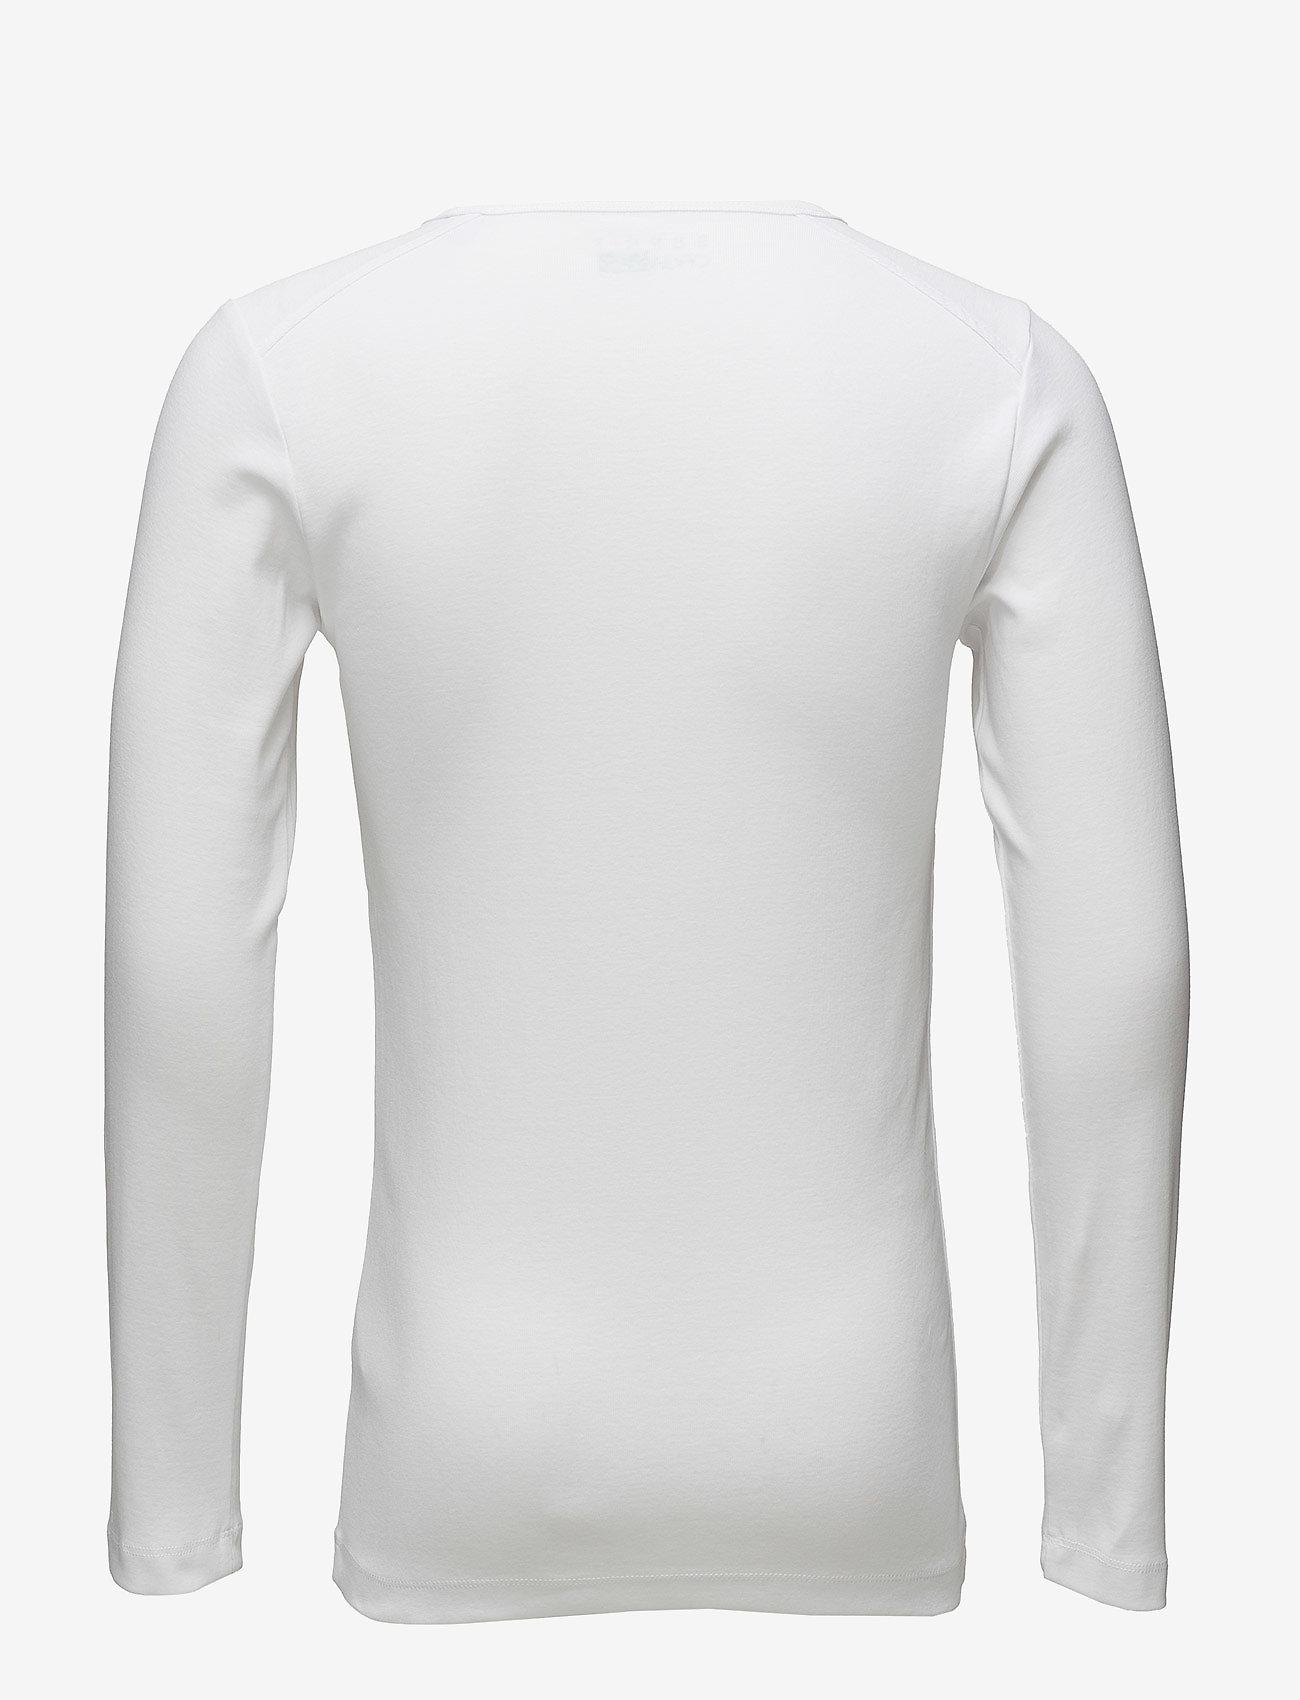 Esprit Casual - T-Shirts - lange mouwen - white - 1